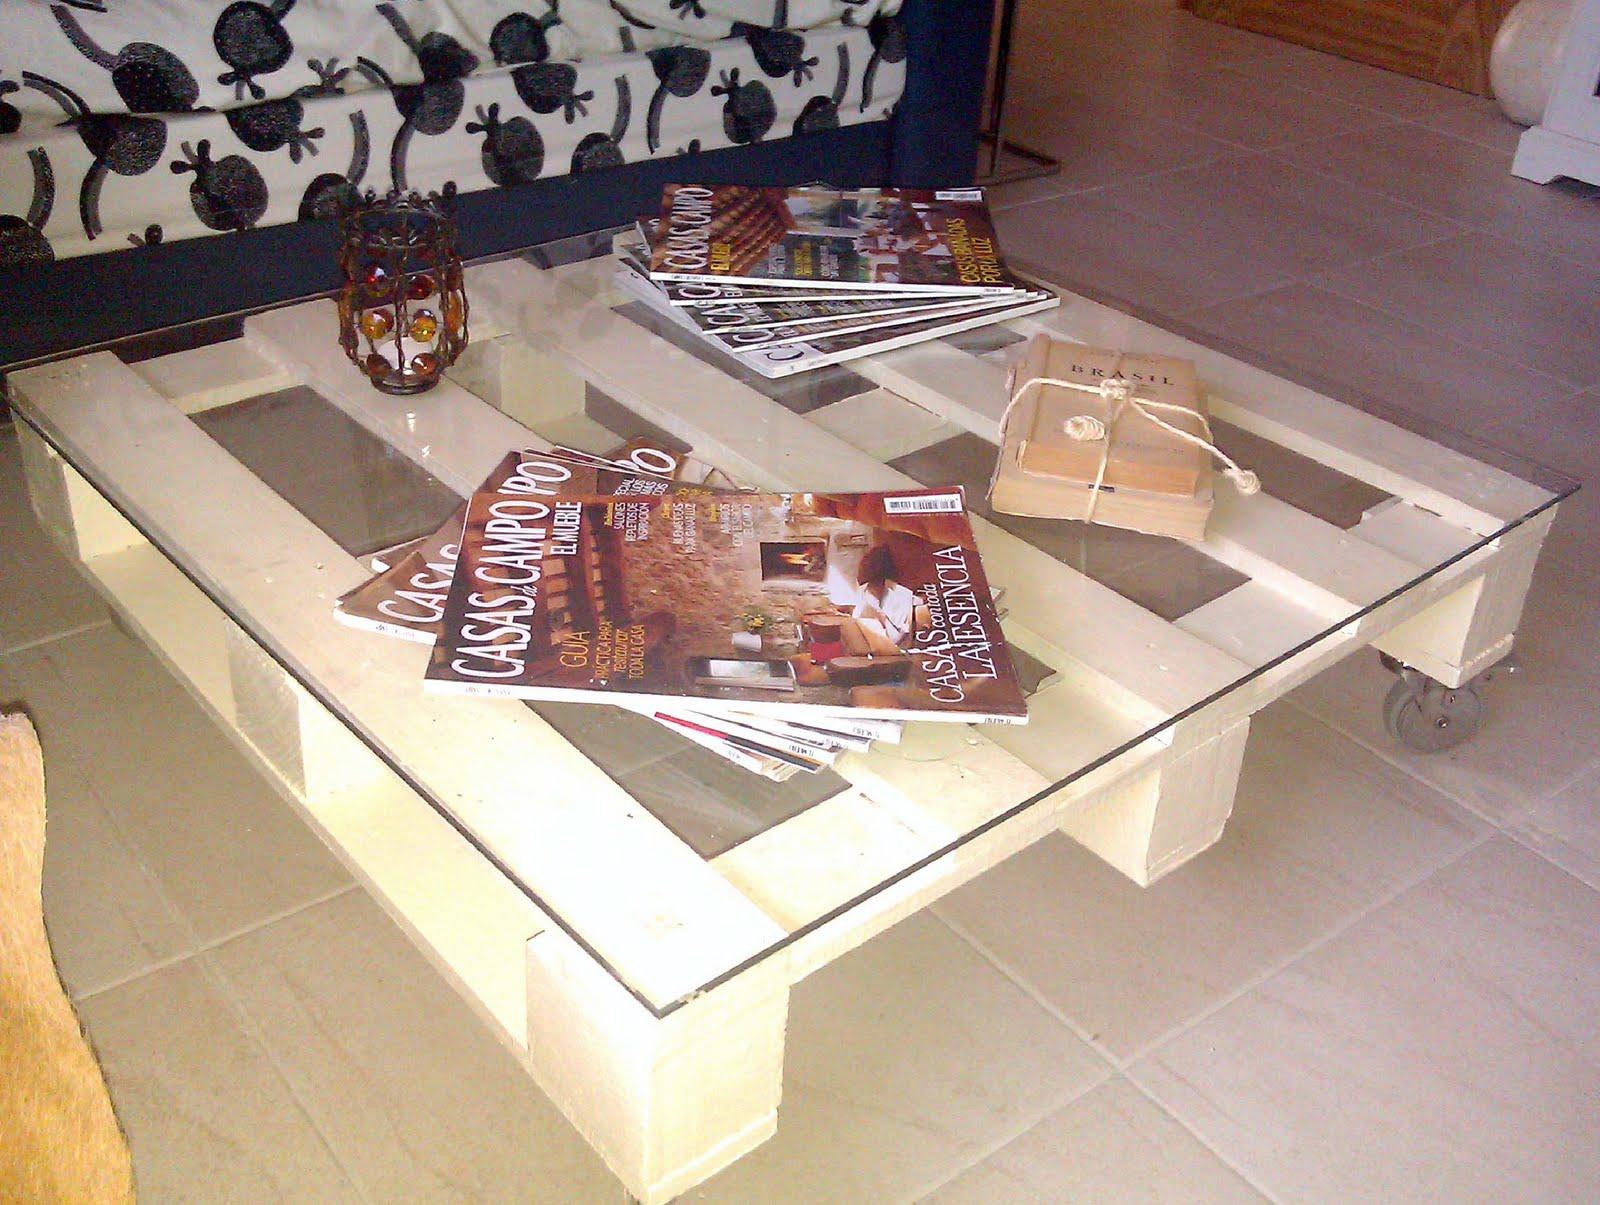 Muebles y objetos hechos con palets de madera - Palet de madera decoracion ...